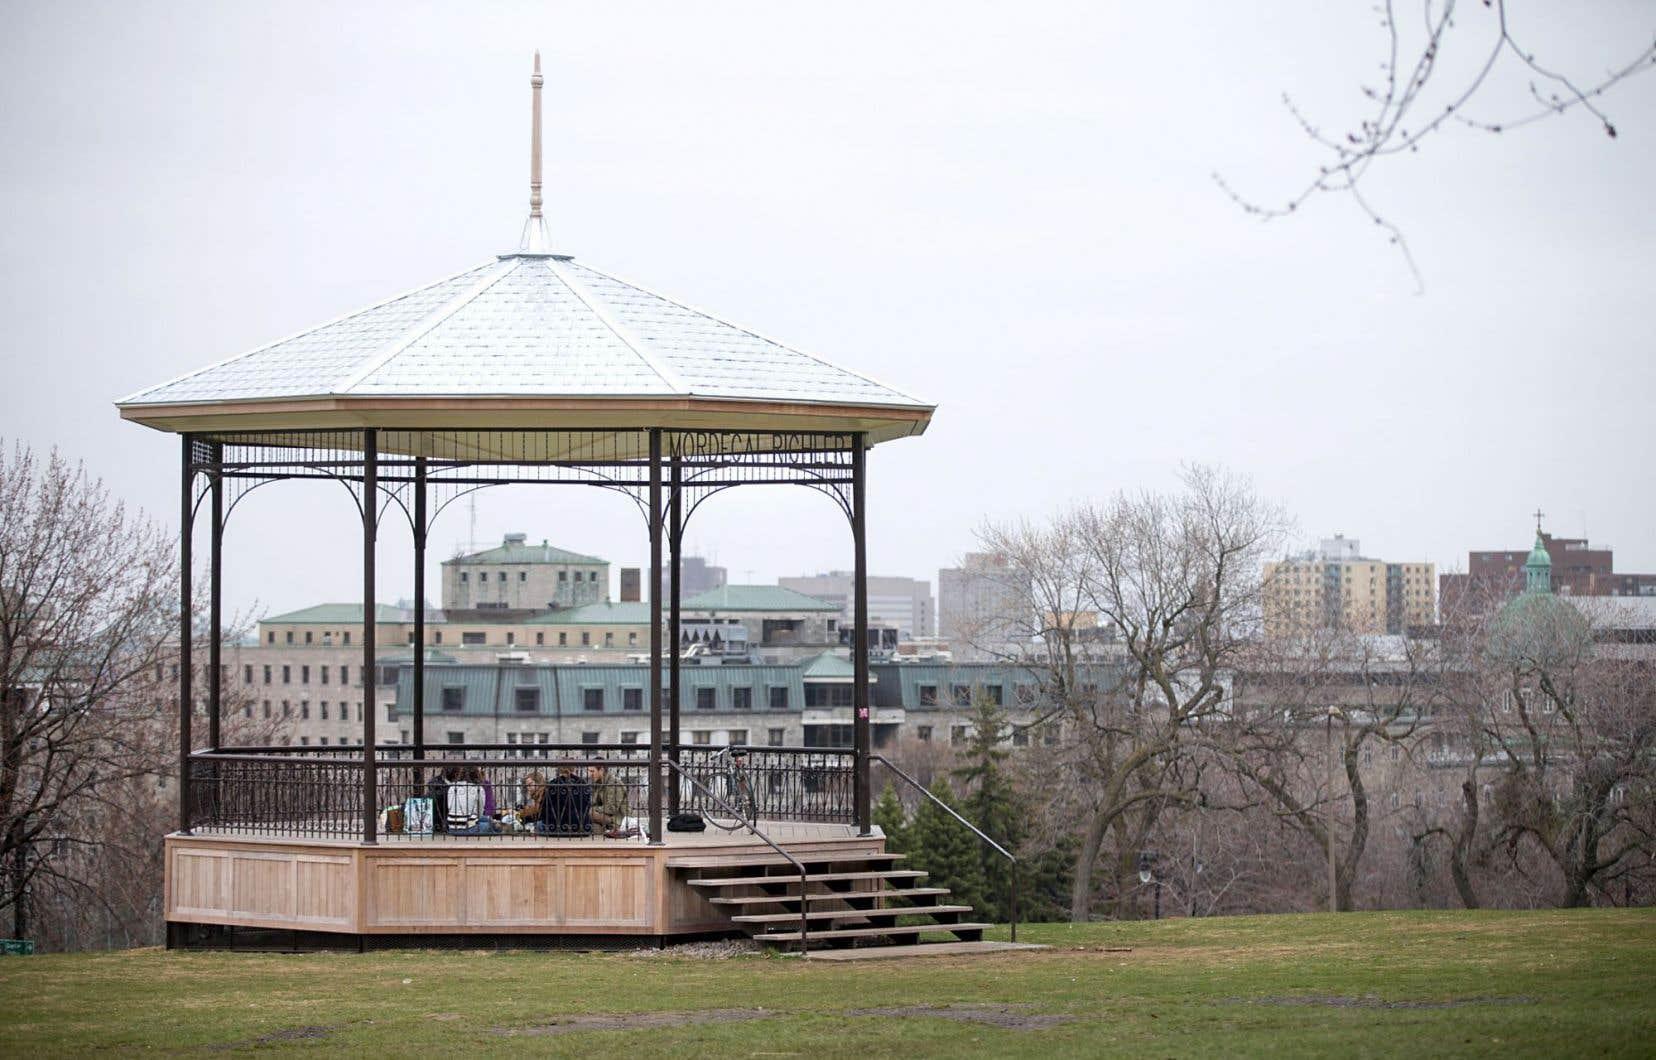 En 2011, l'ex-maire Gérald Tremblay avait annoncé que le pavillon défraîchi situé au pied du mont Royal serait rénové et renommé en l'honneur de Mordecai Richler.